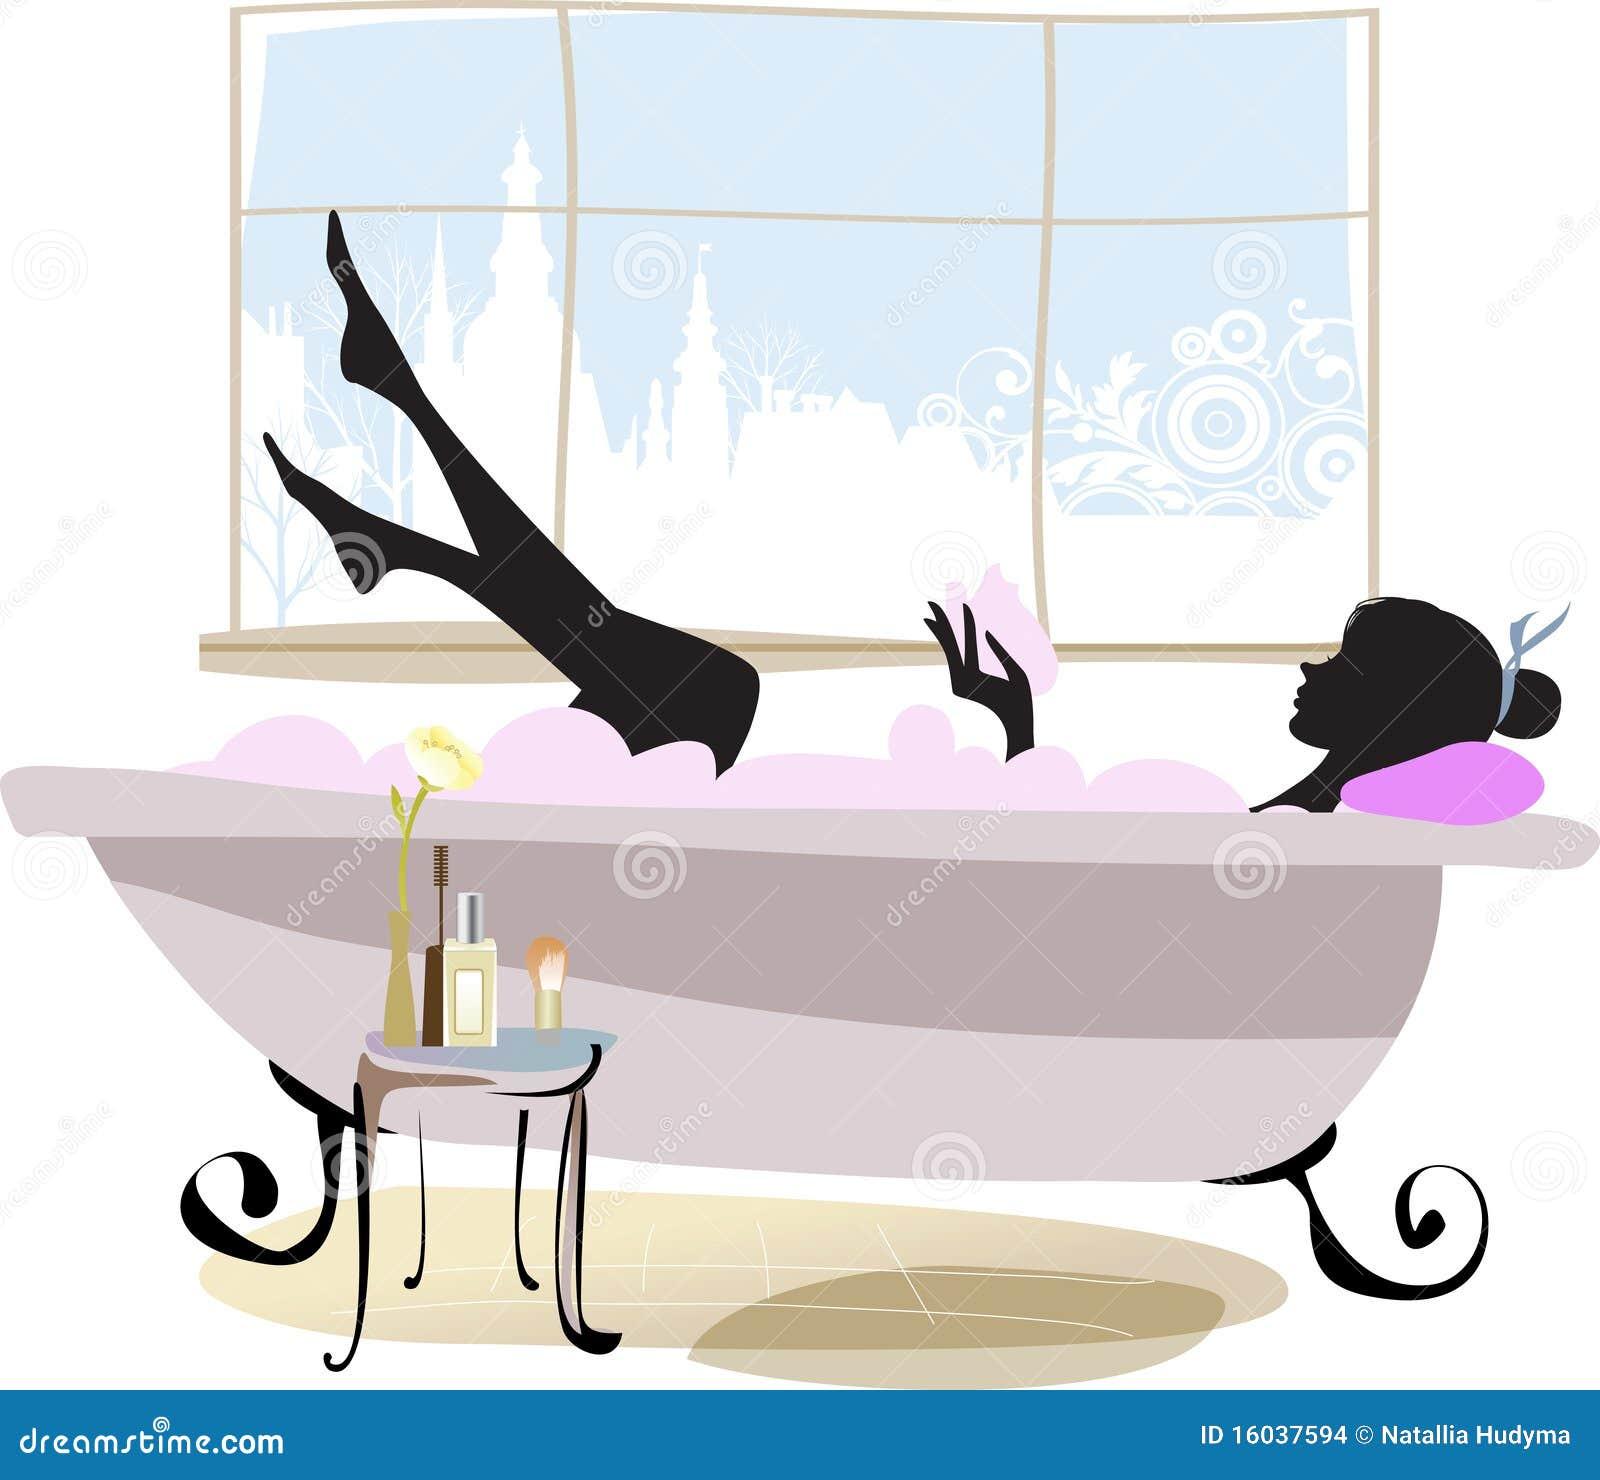 Ragazze Nella Vasca Da Bagno Tumblr: Doccia insieme tumblr best ... : vasca da bagno tumblr : Vasca Da Bagno